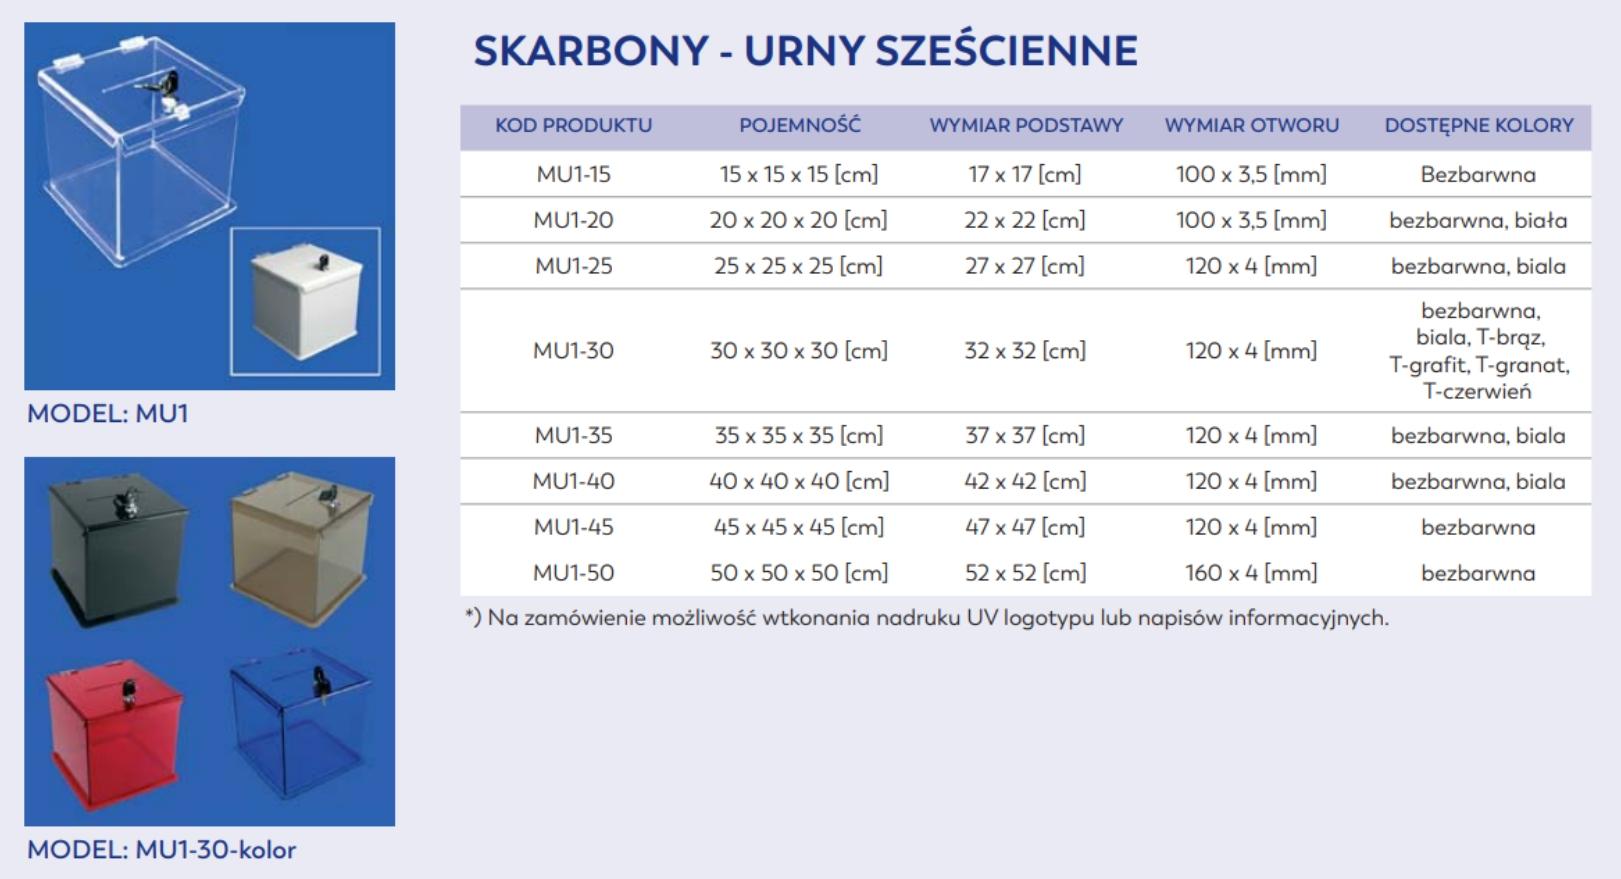 MU1 - tabela